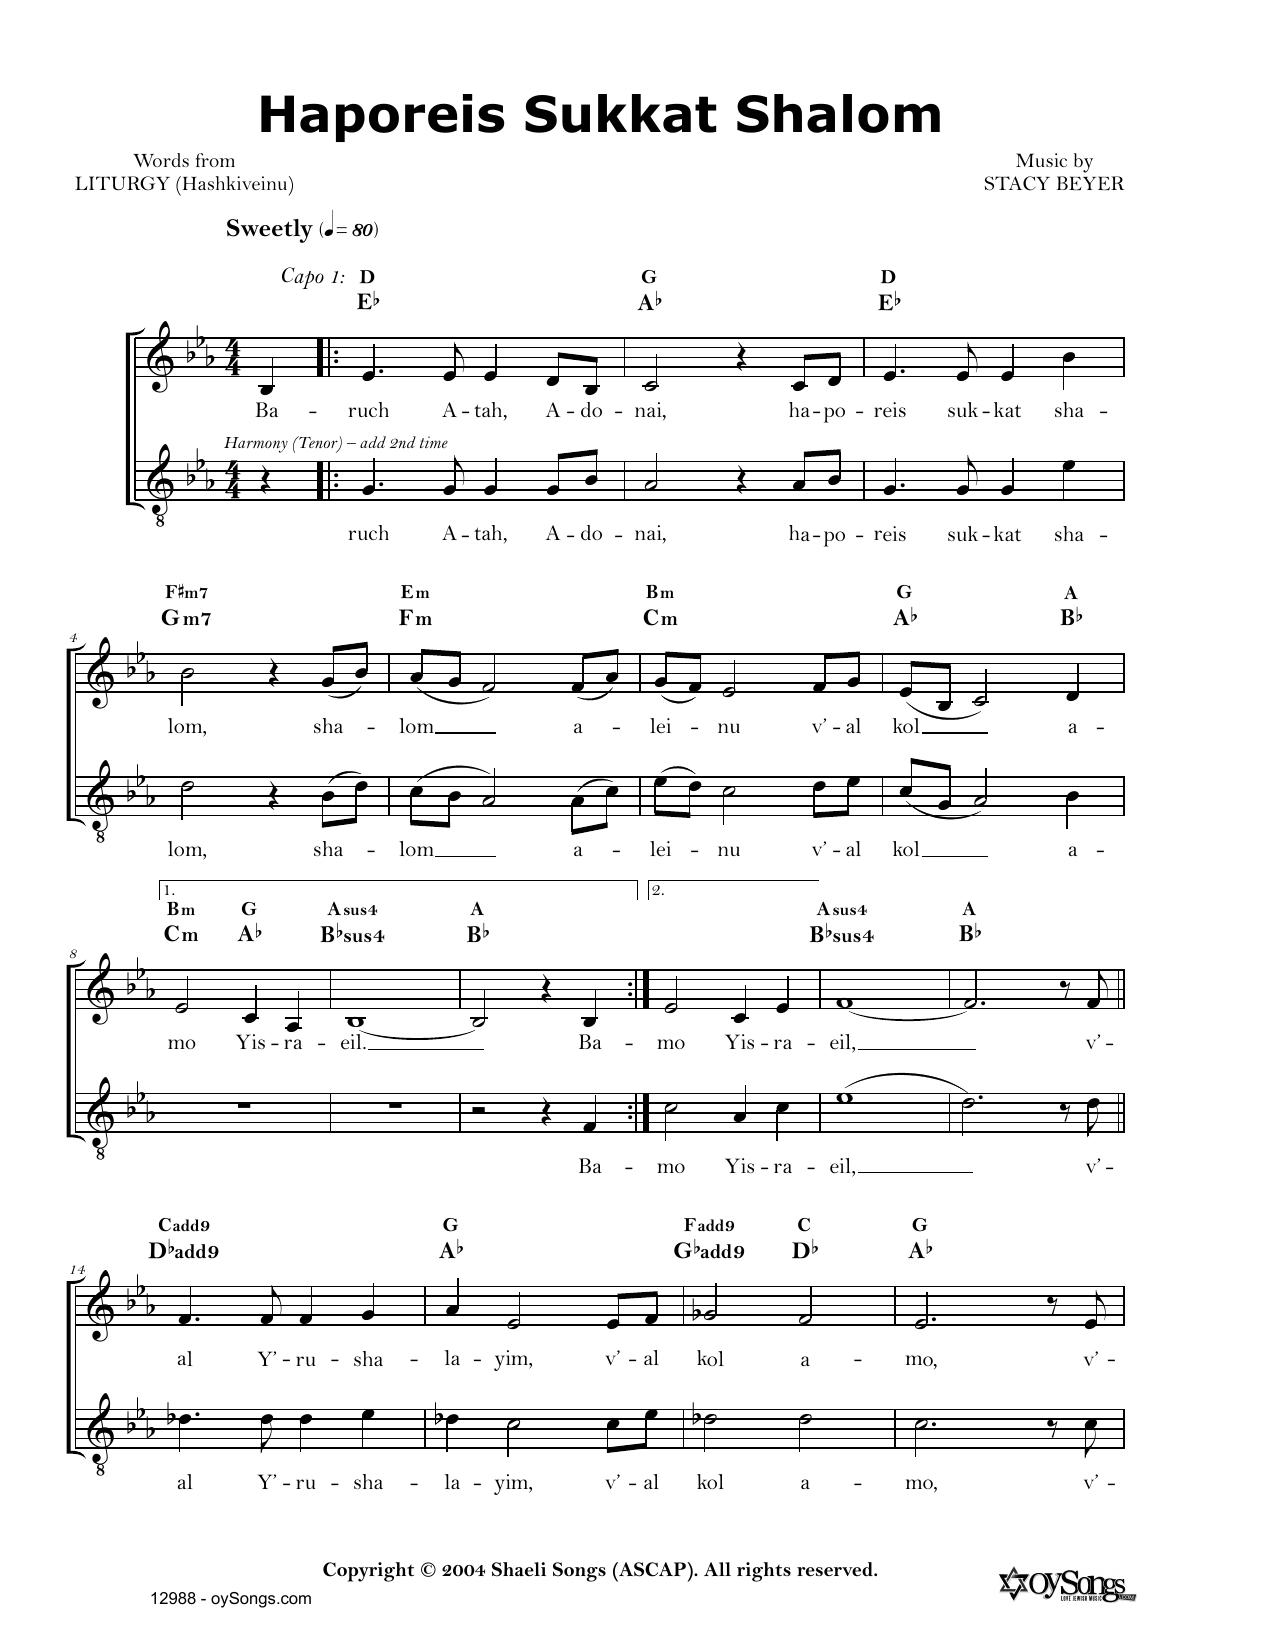 Haporeis Sukat Shalom (Real Book – Melody, Lyrics & Chords)